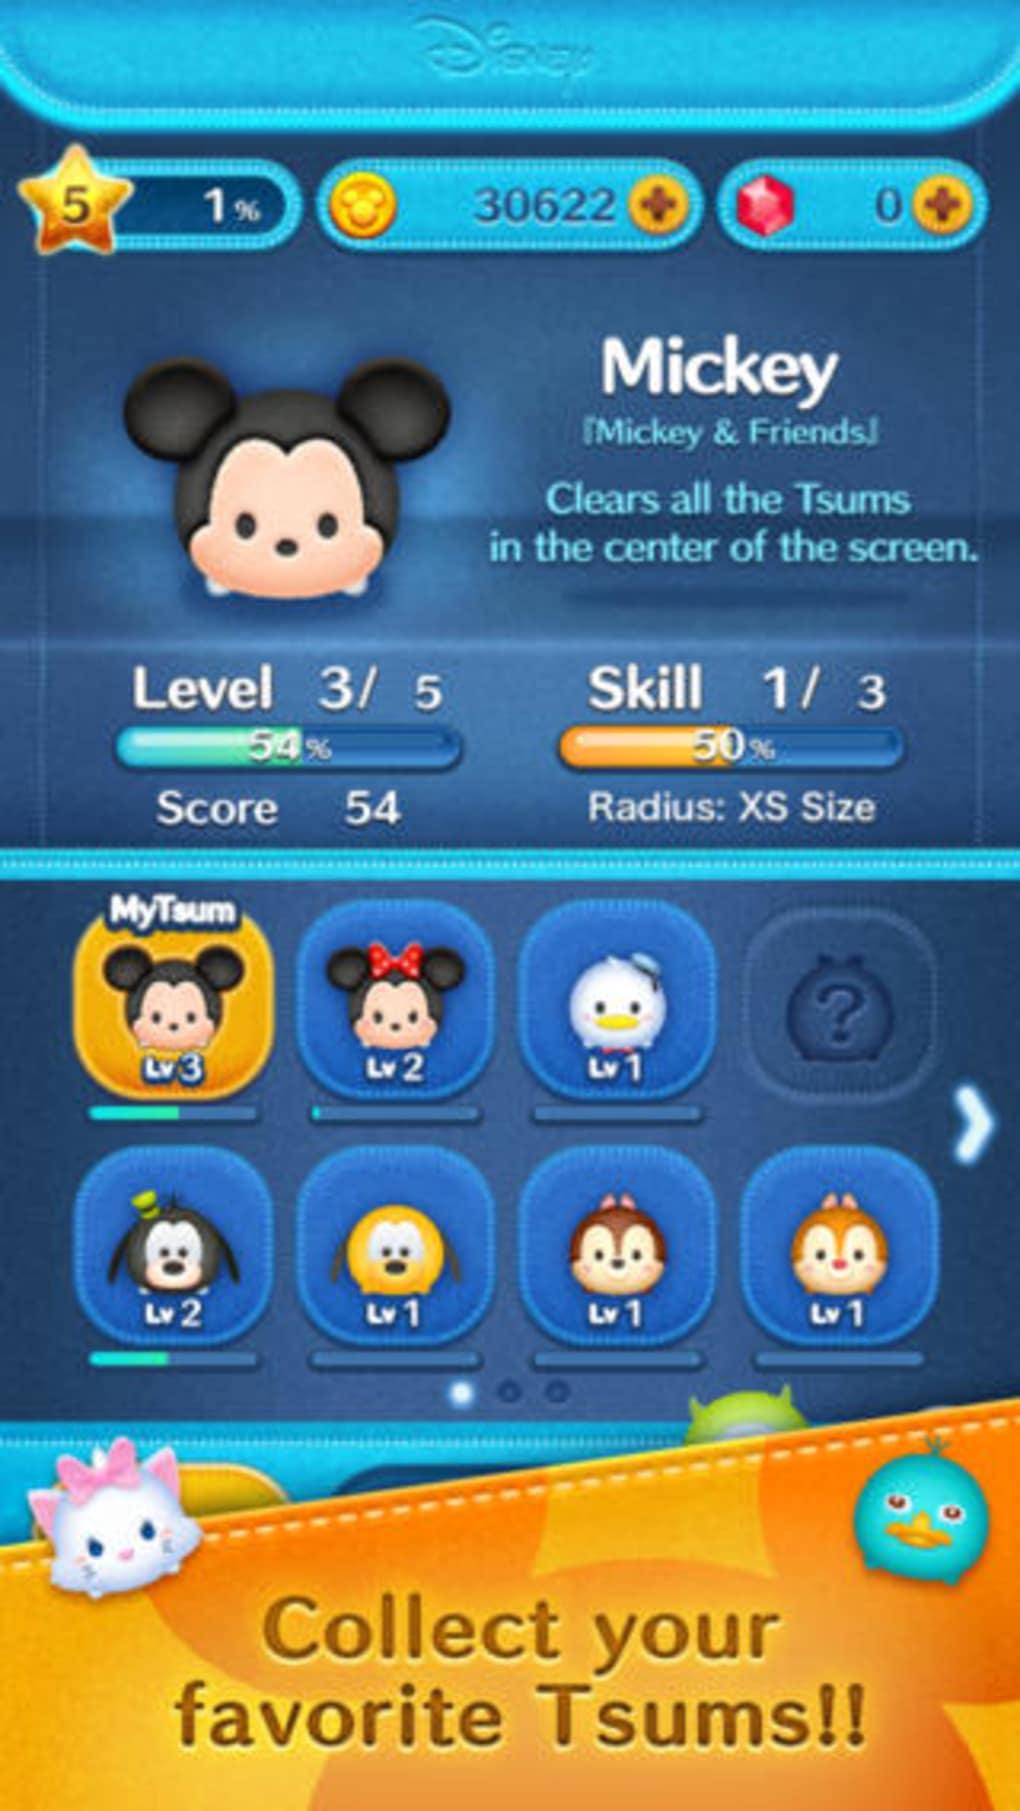 Line Disney Tsum Tsum Para Iphone Descargar